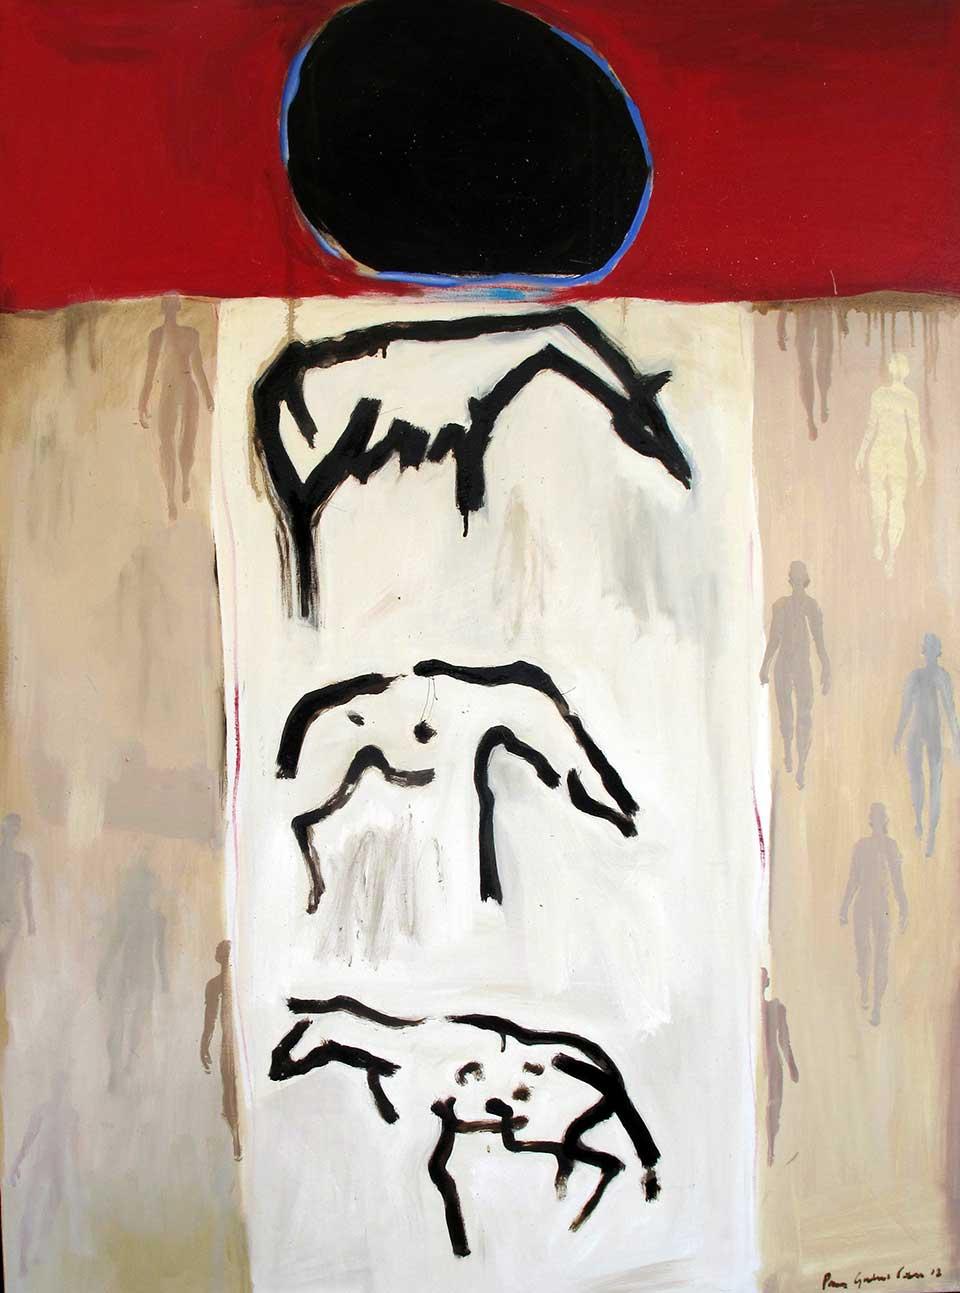 Journey . Oil and tar on canvas. 130 x170 cms (2013)